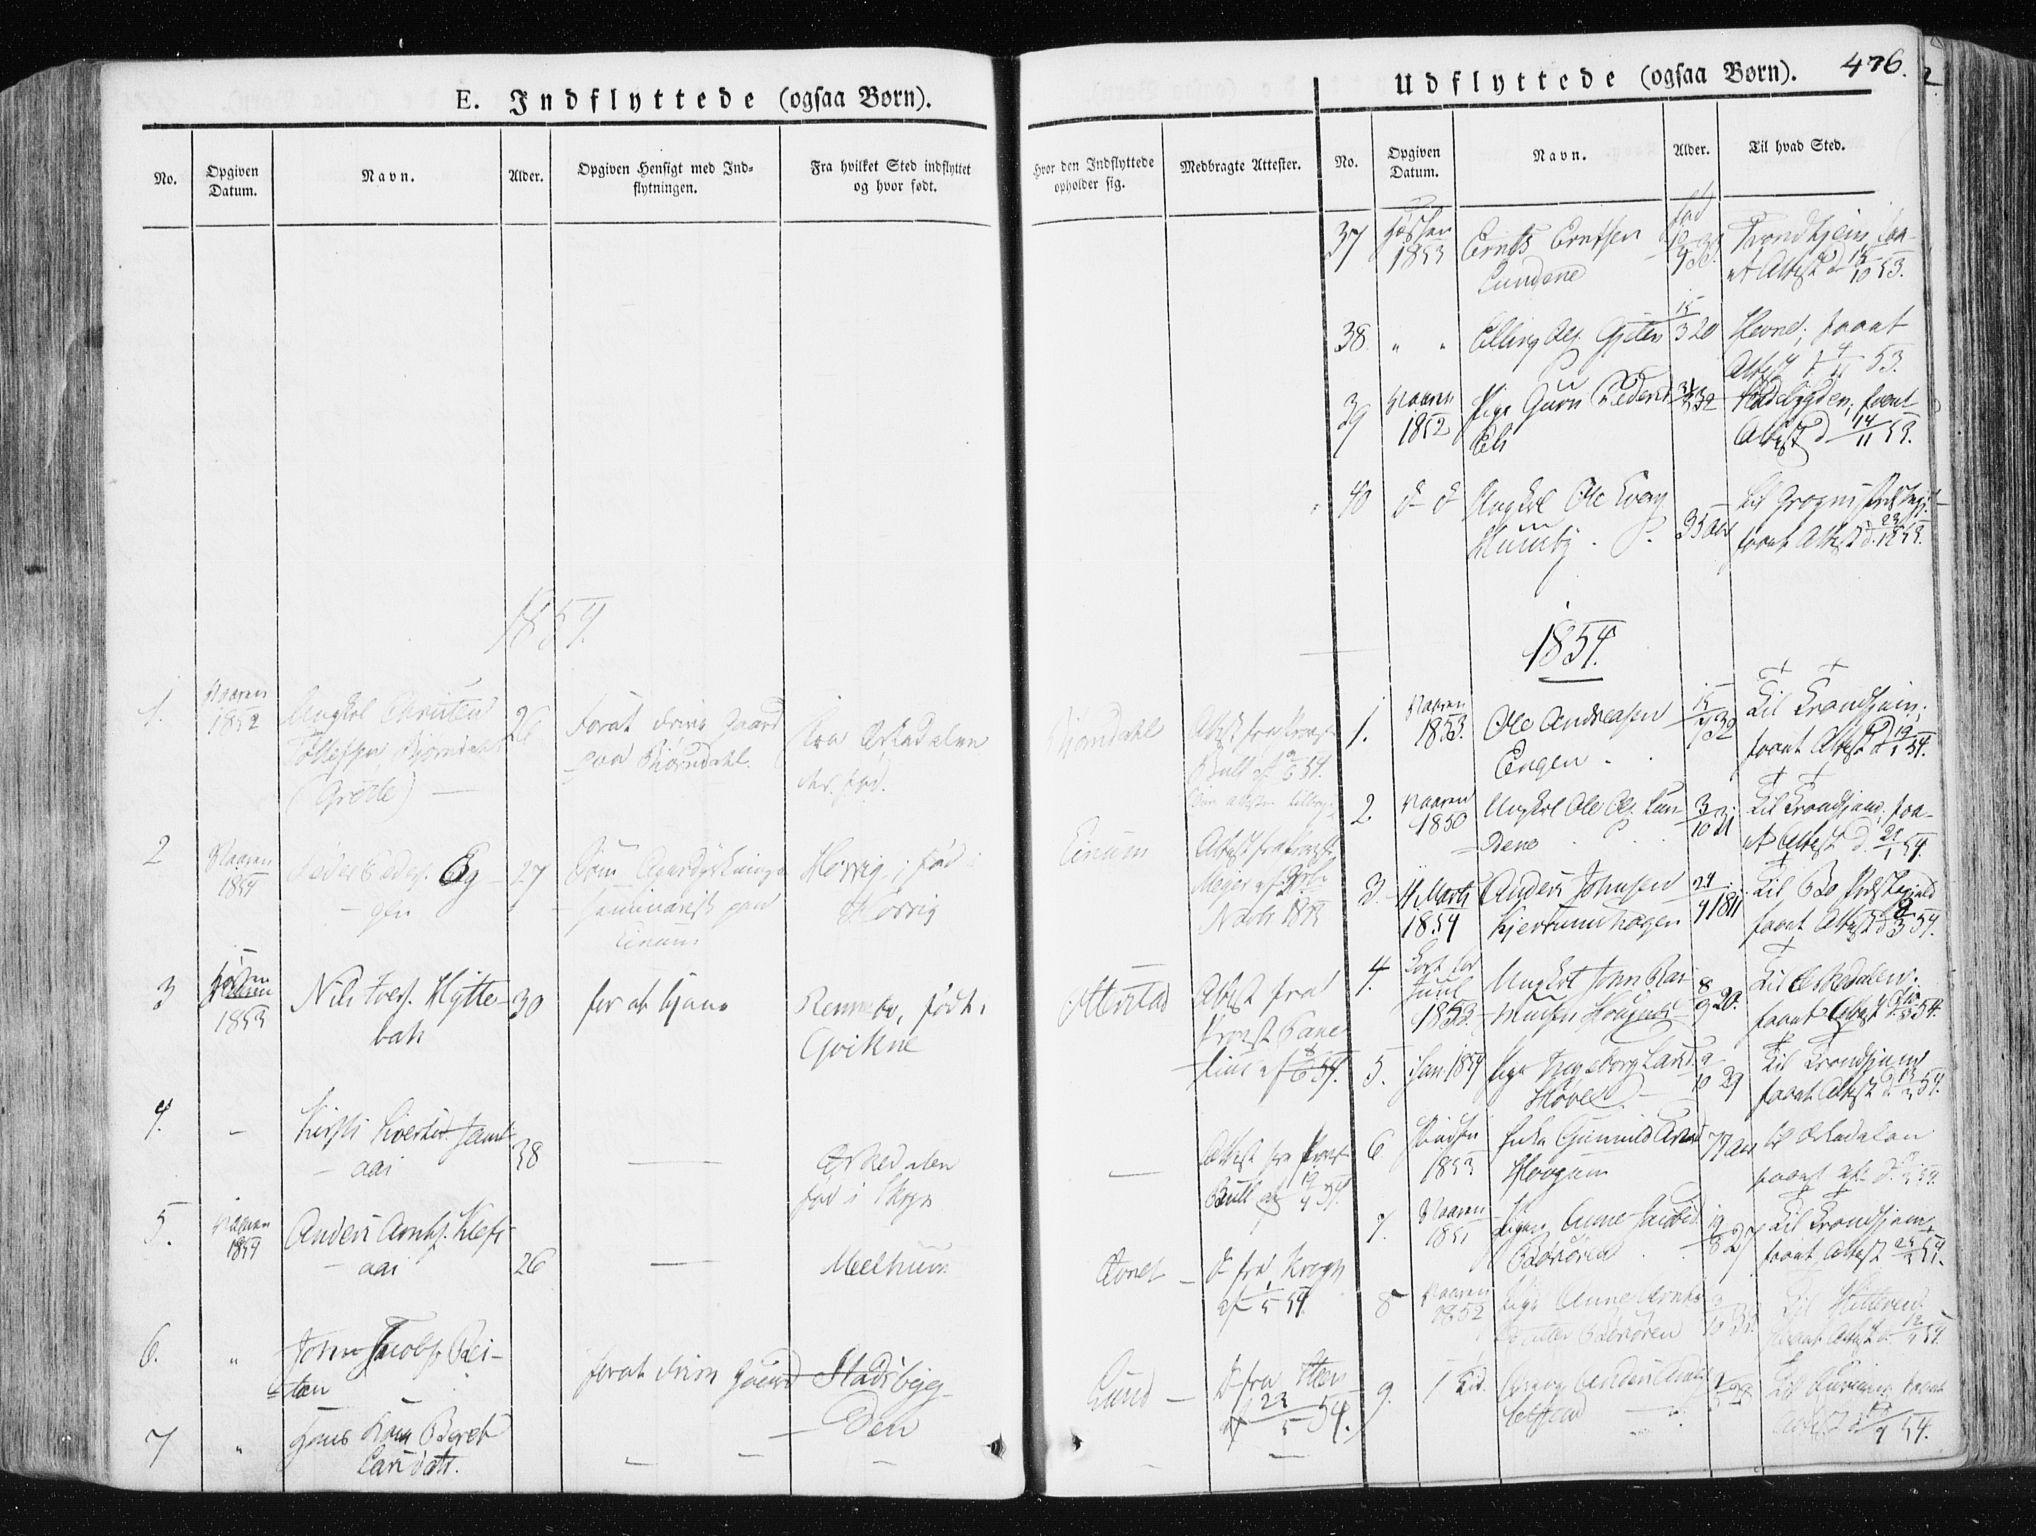 SAT, Ministerialprotokoller, klokkerbøker og fødselsregistre - Sør-Trøndelag, 665/L0771: Ministerialbok nr. 665A06, 1830-1856, s. 476